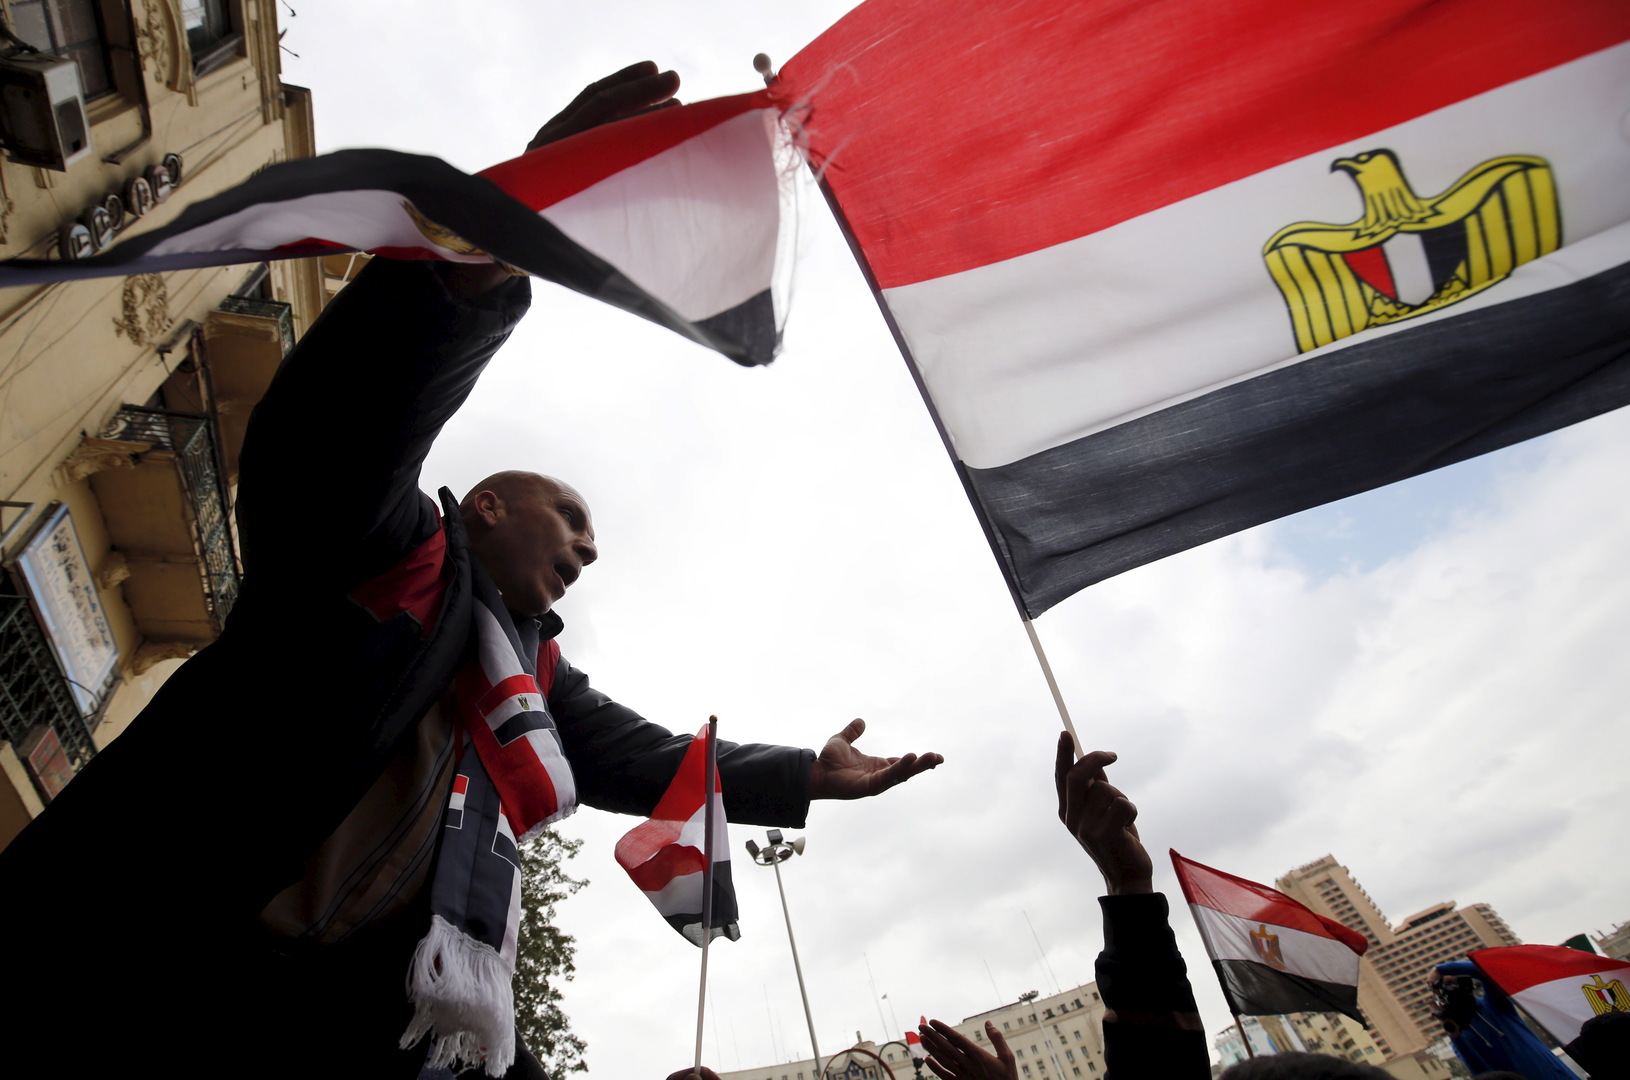 مصر تستعد لطرح سندات هي الأولى من نوعها في تاريخها